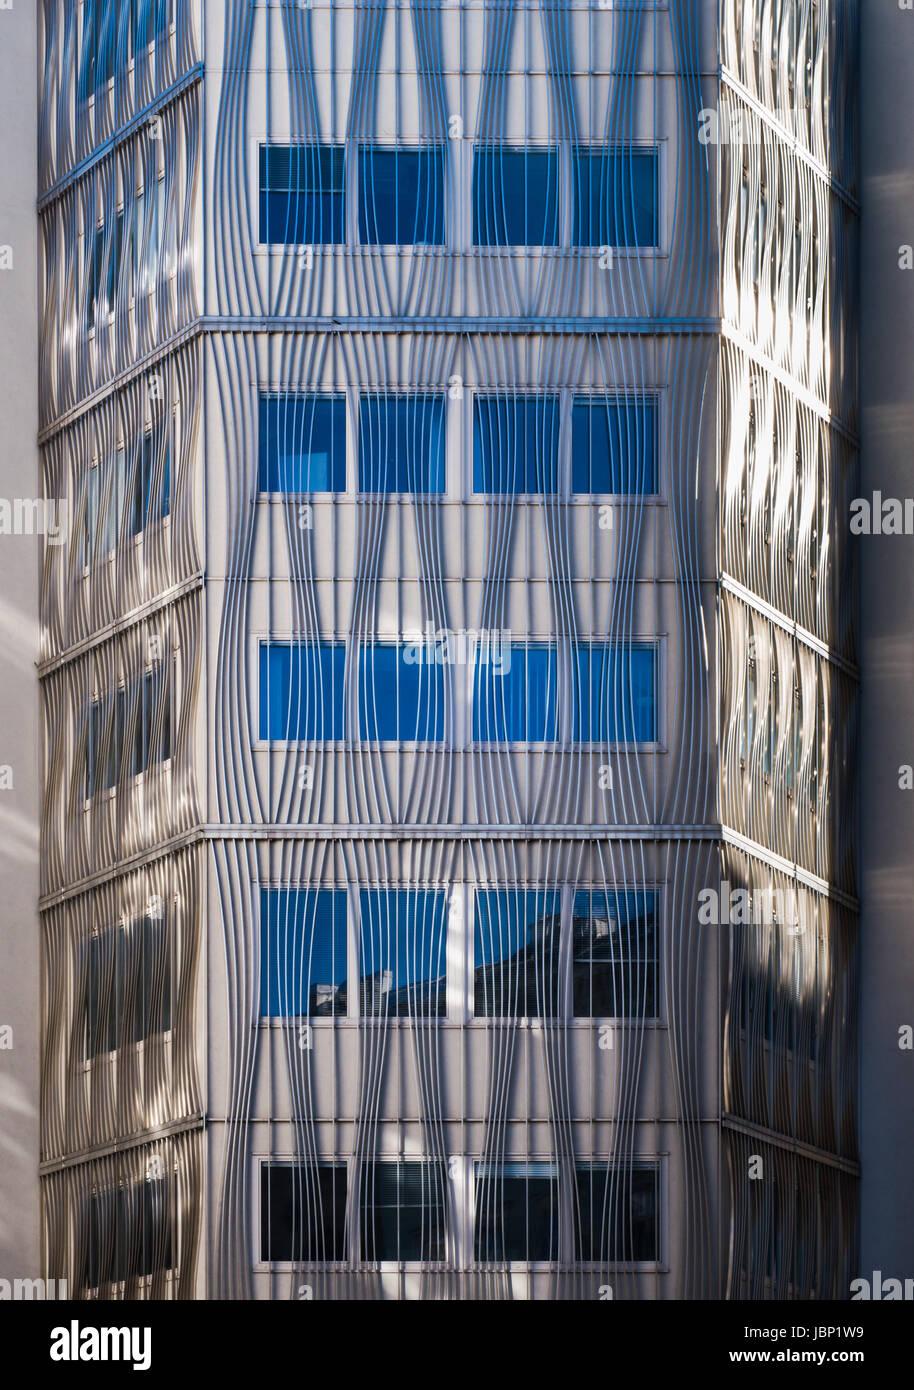 Vordere Fassade Mit Aluminium Vertikale Und Gebogene Linie Aussen